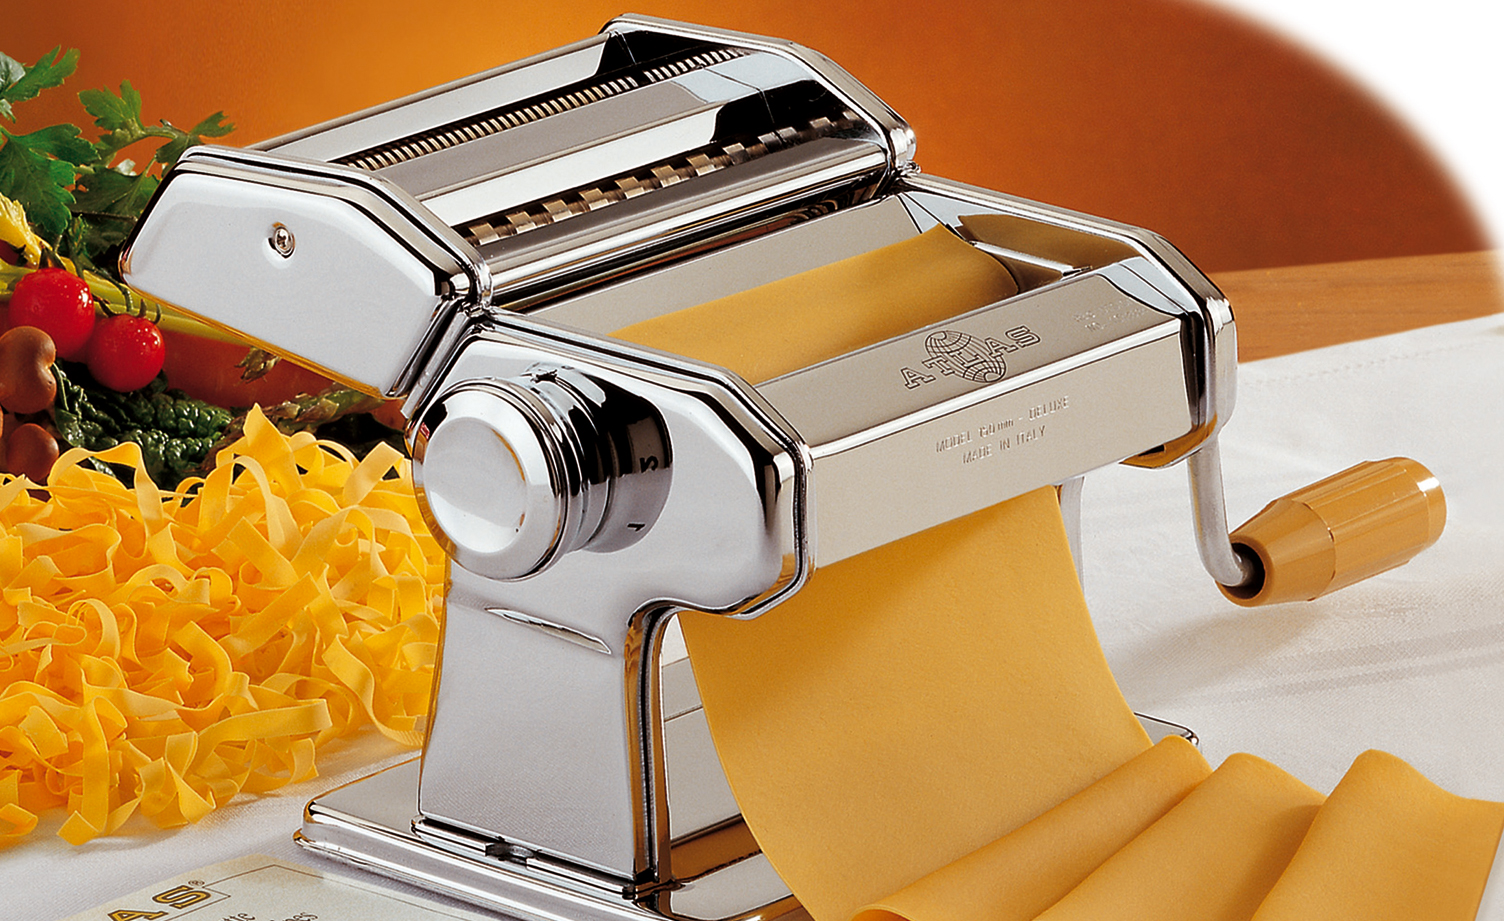 Strojek na těstoviny s nástavcem na špagety - Marcato